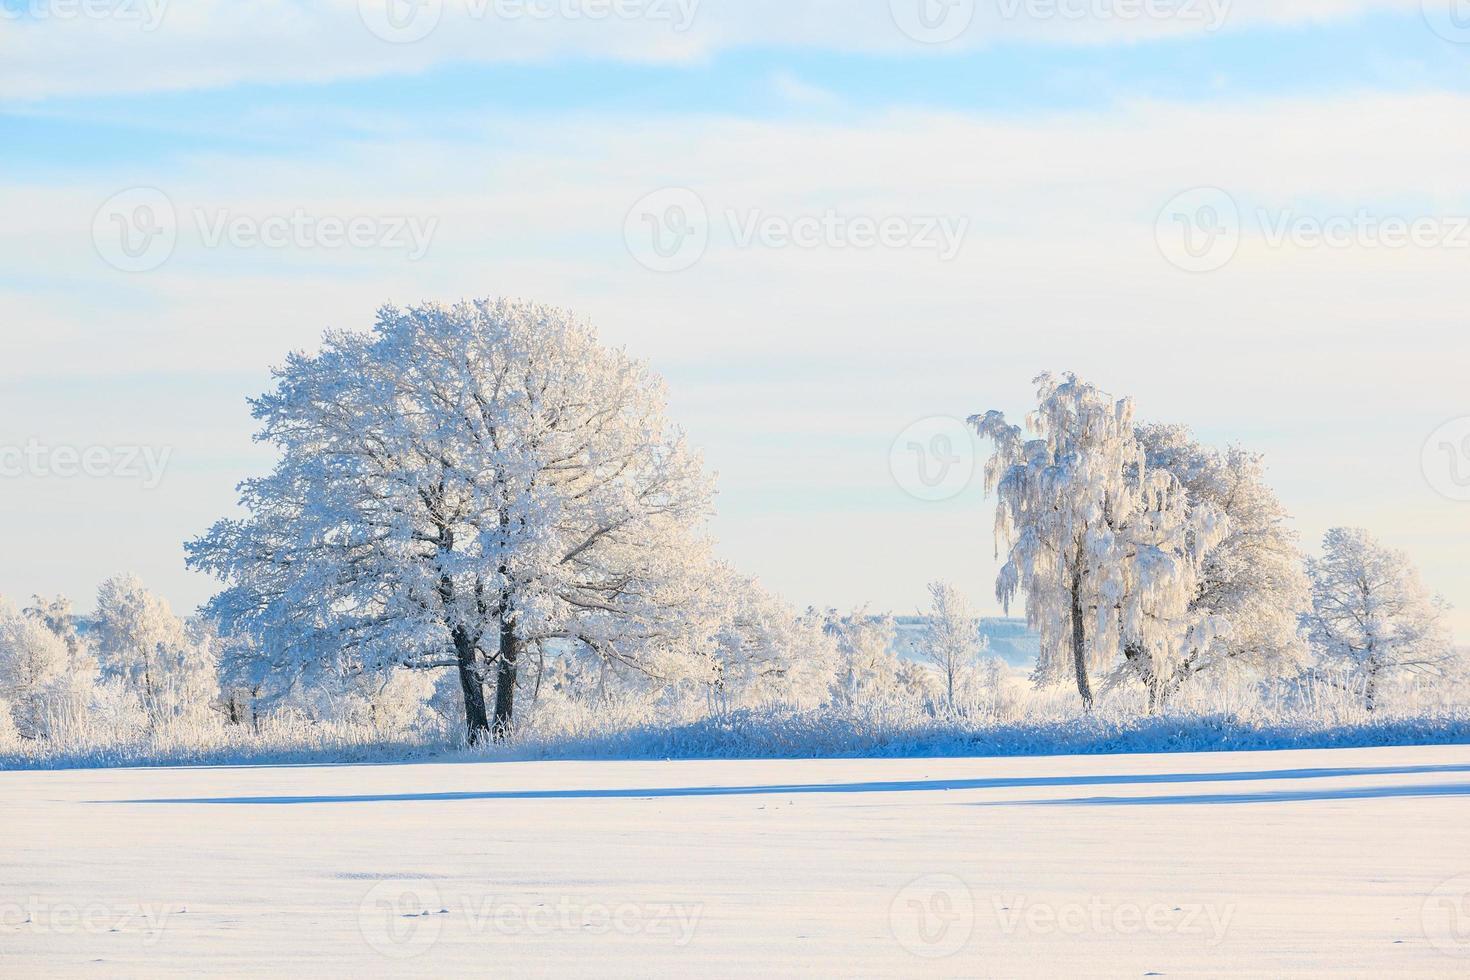 arbre givré dans un paysage enneigé photo